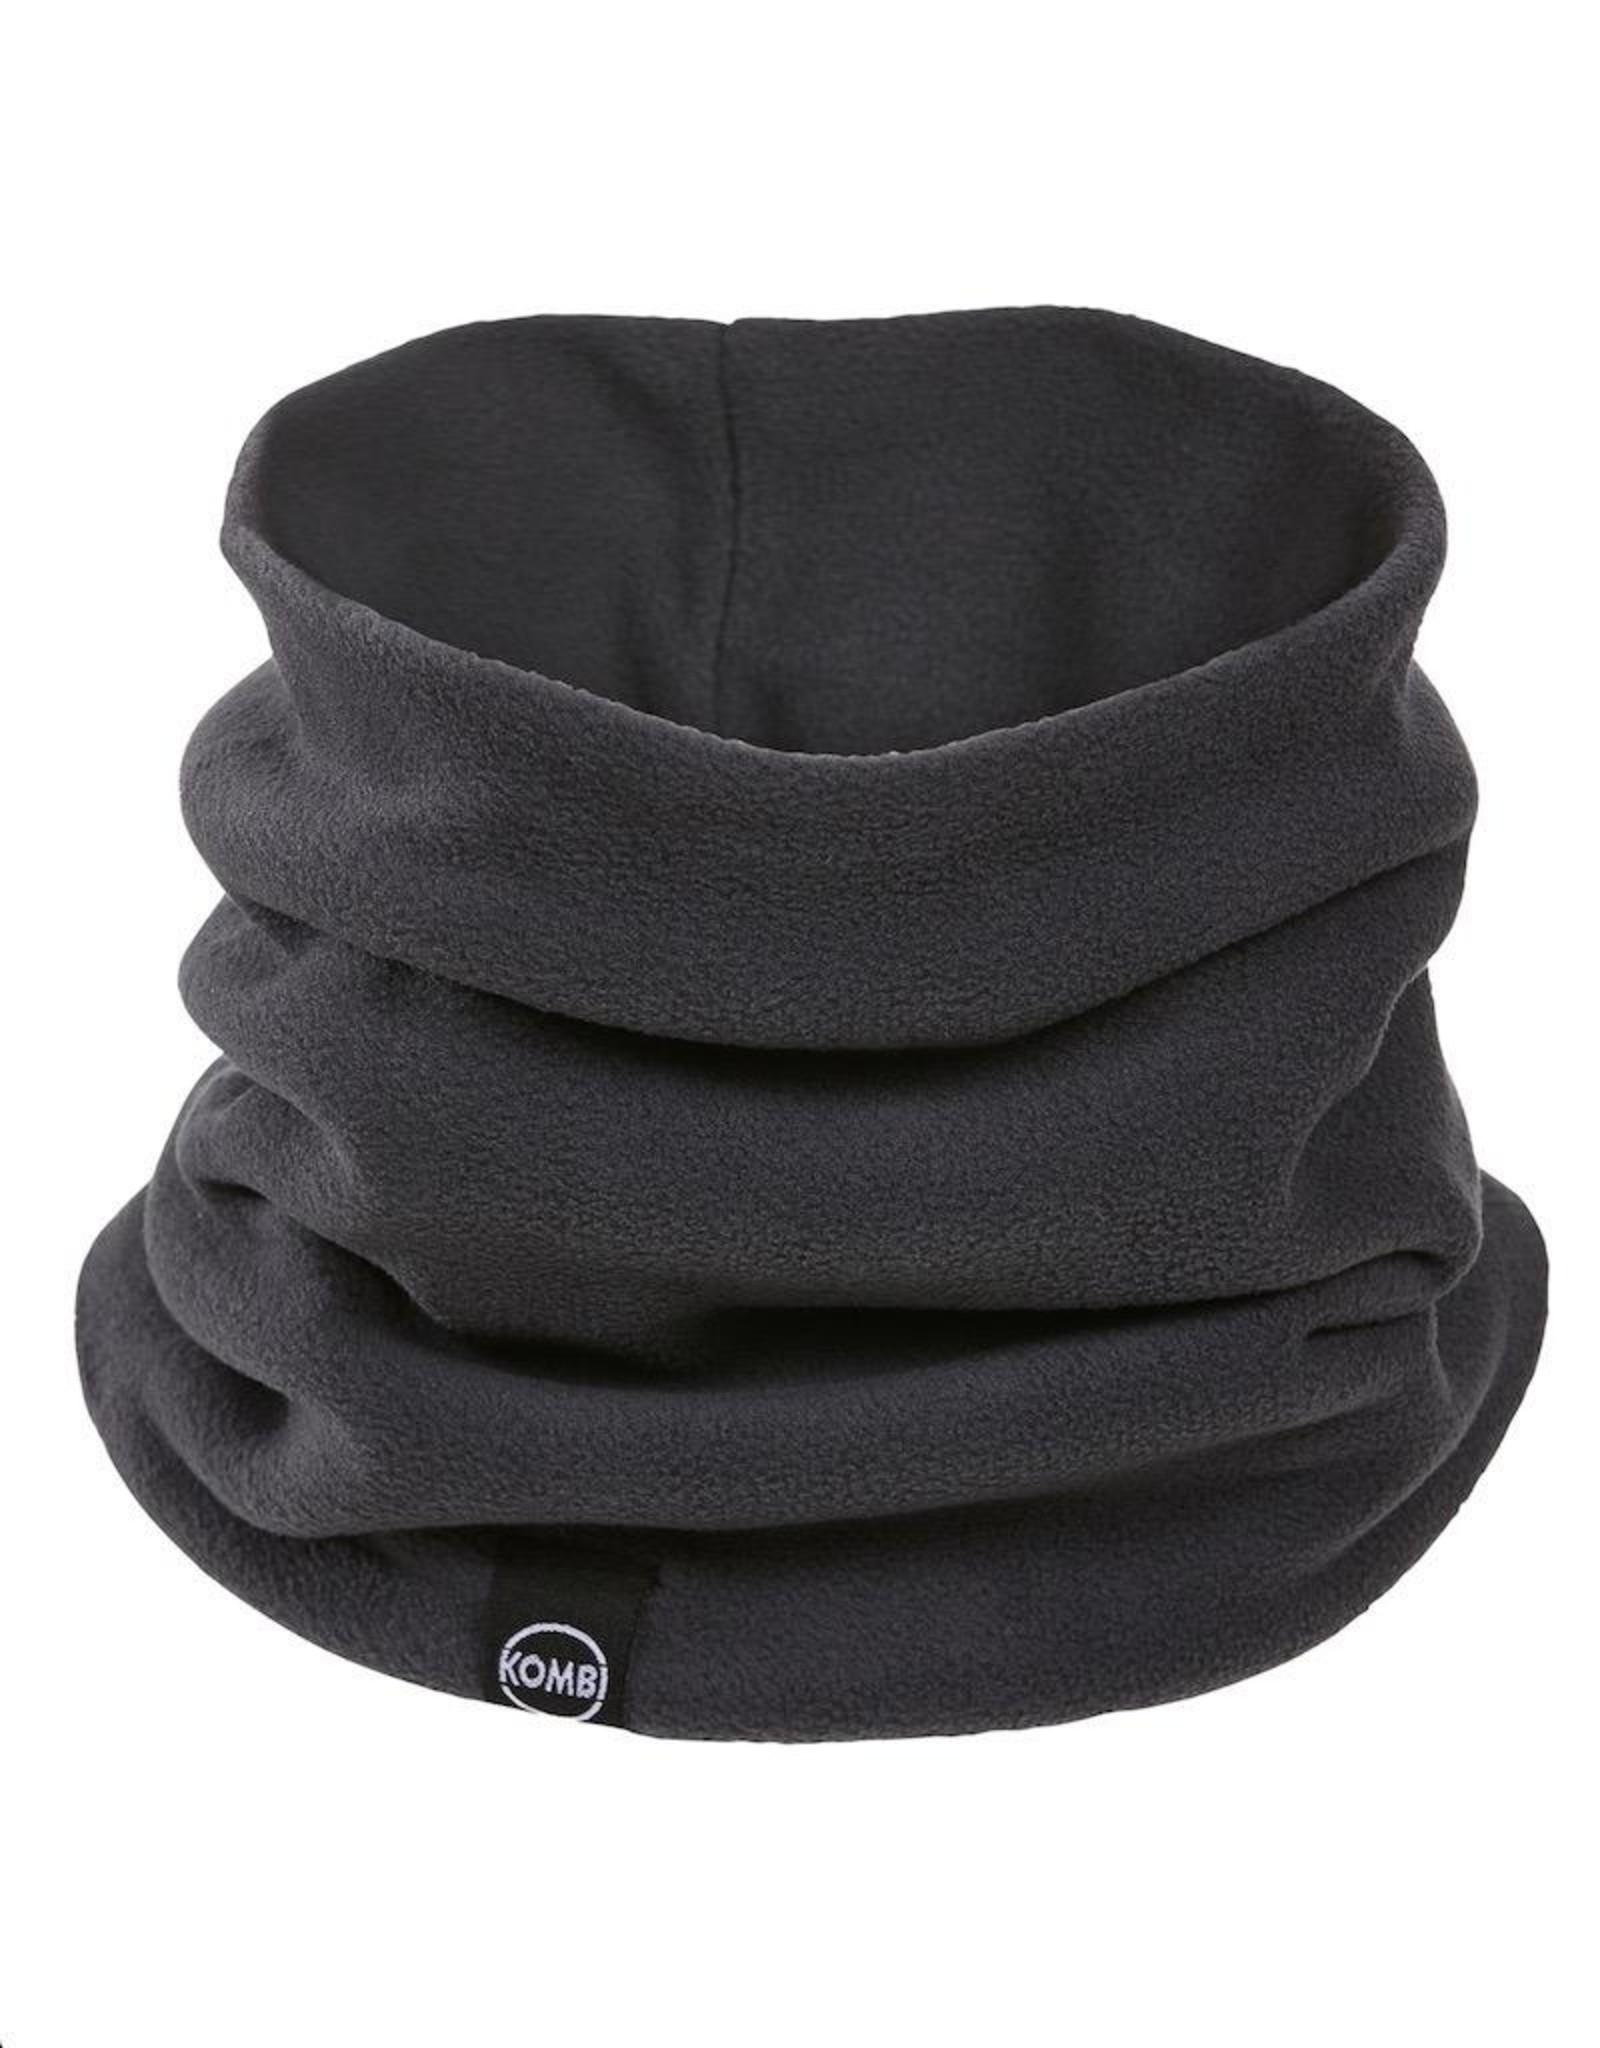 Kombi The Comfiest Fleece Children's Neck Warmer in Asphalt